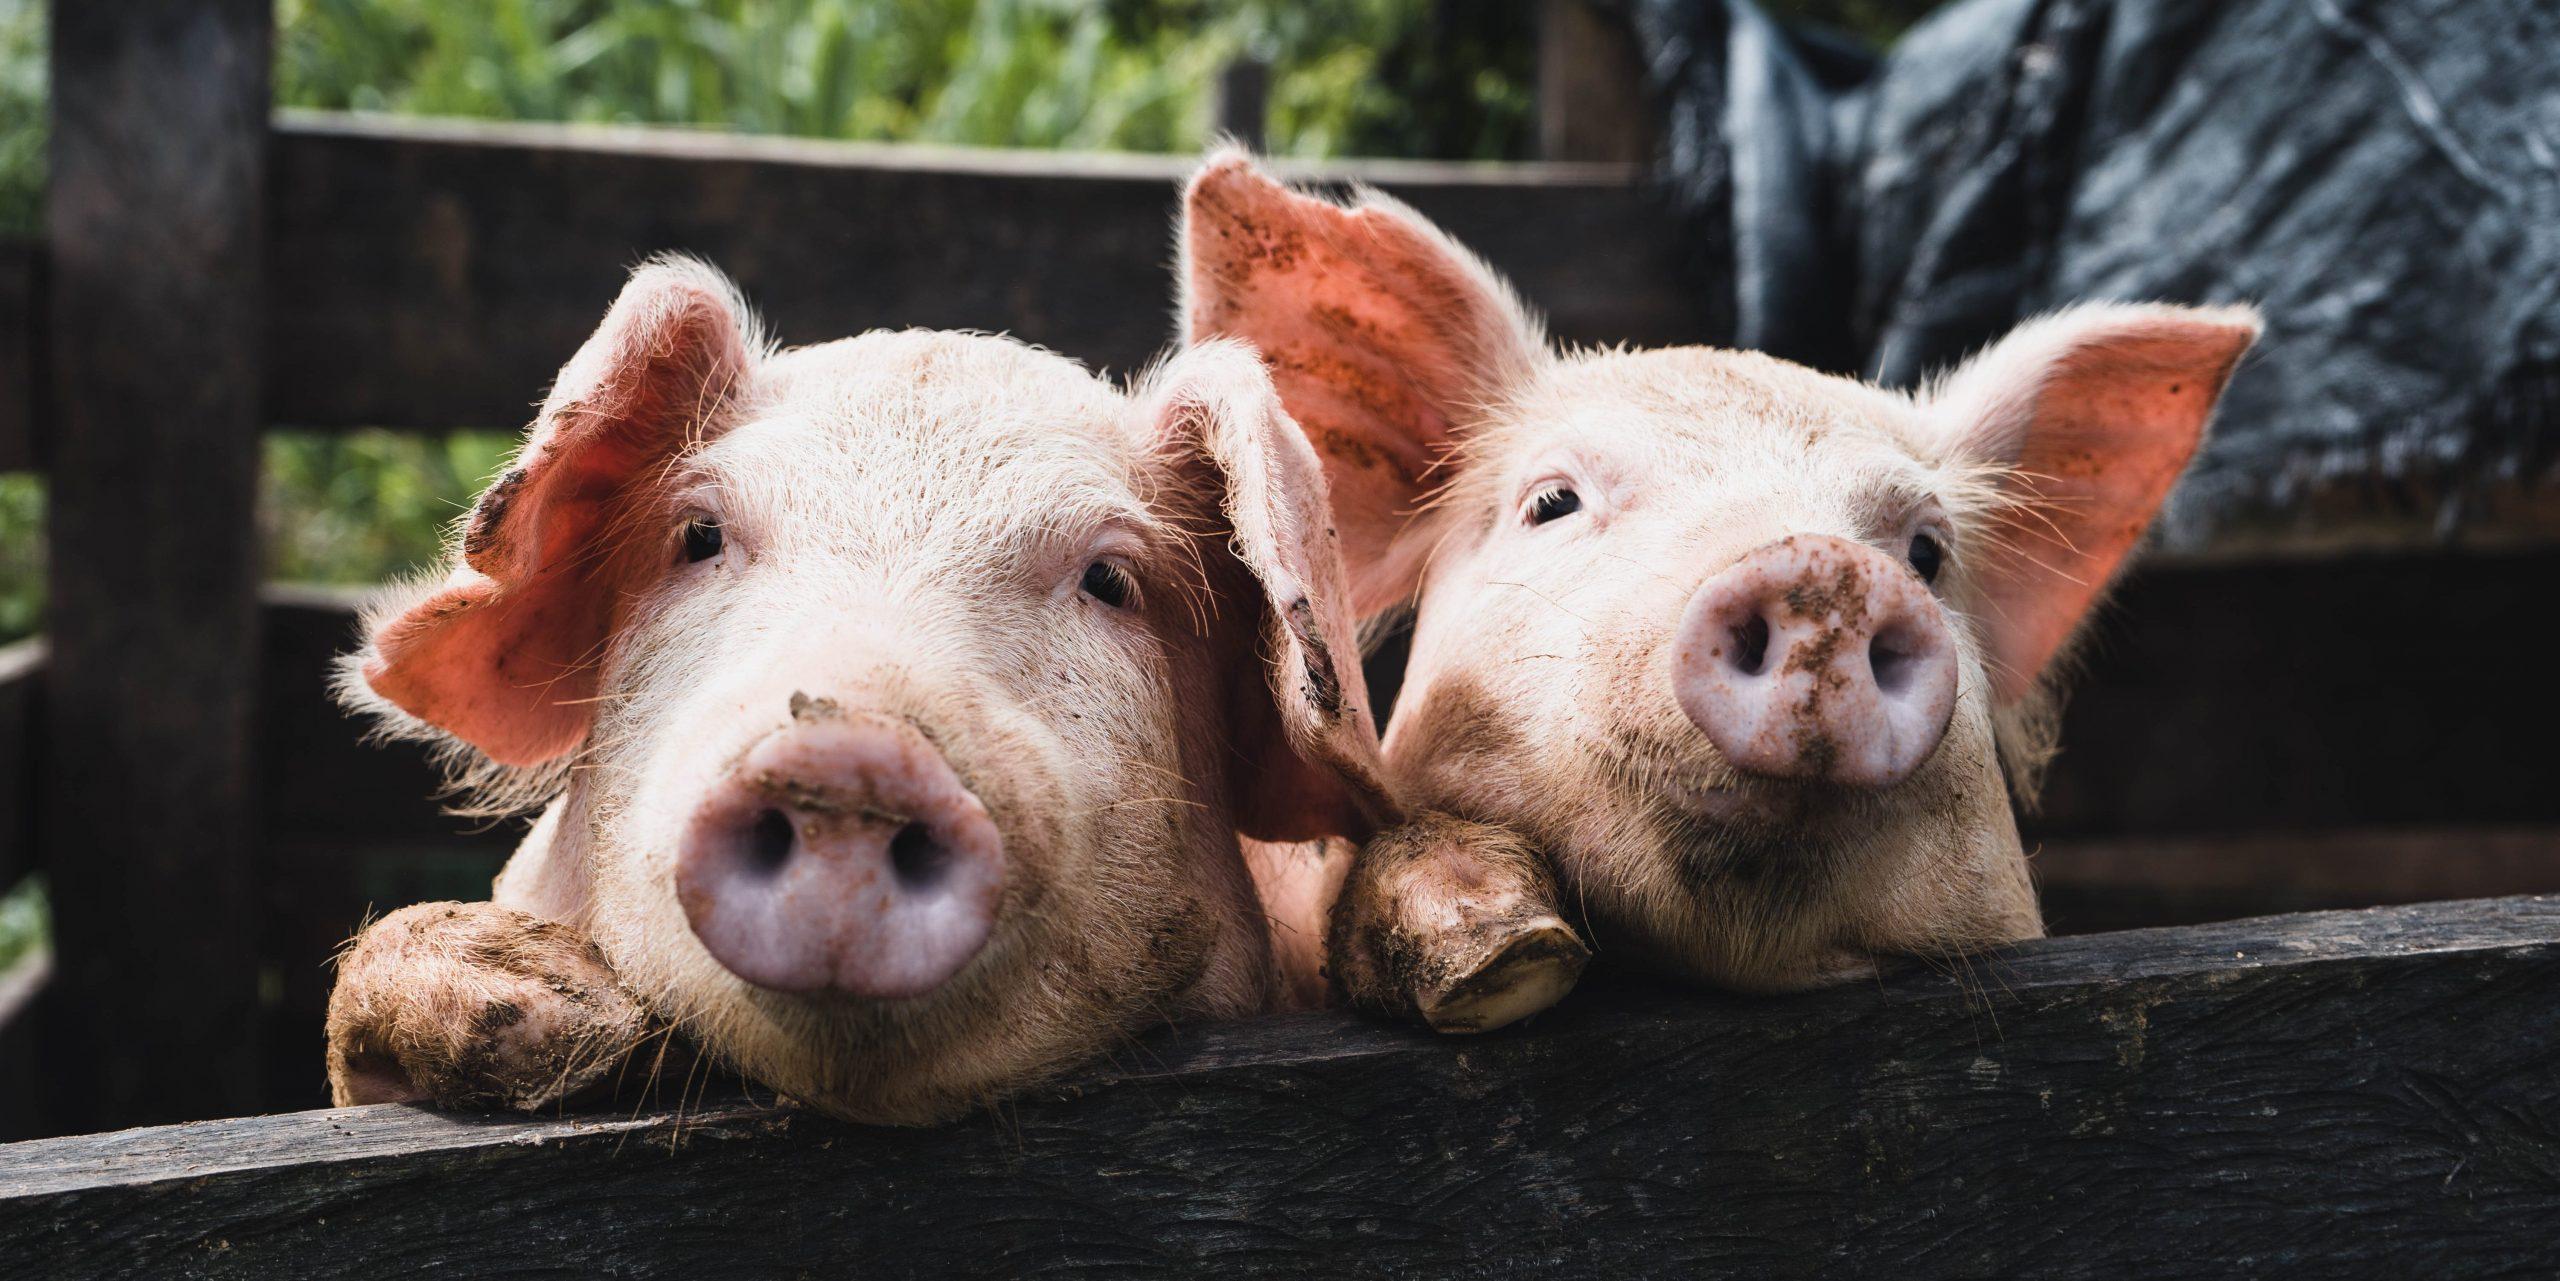 С 5G и роботами: Huawei анонсировала интеллектуальную платформу для выращивания свиней